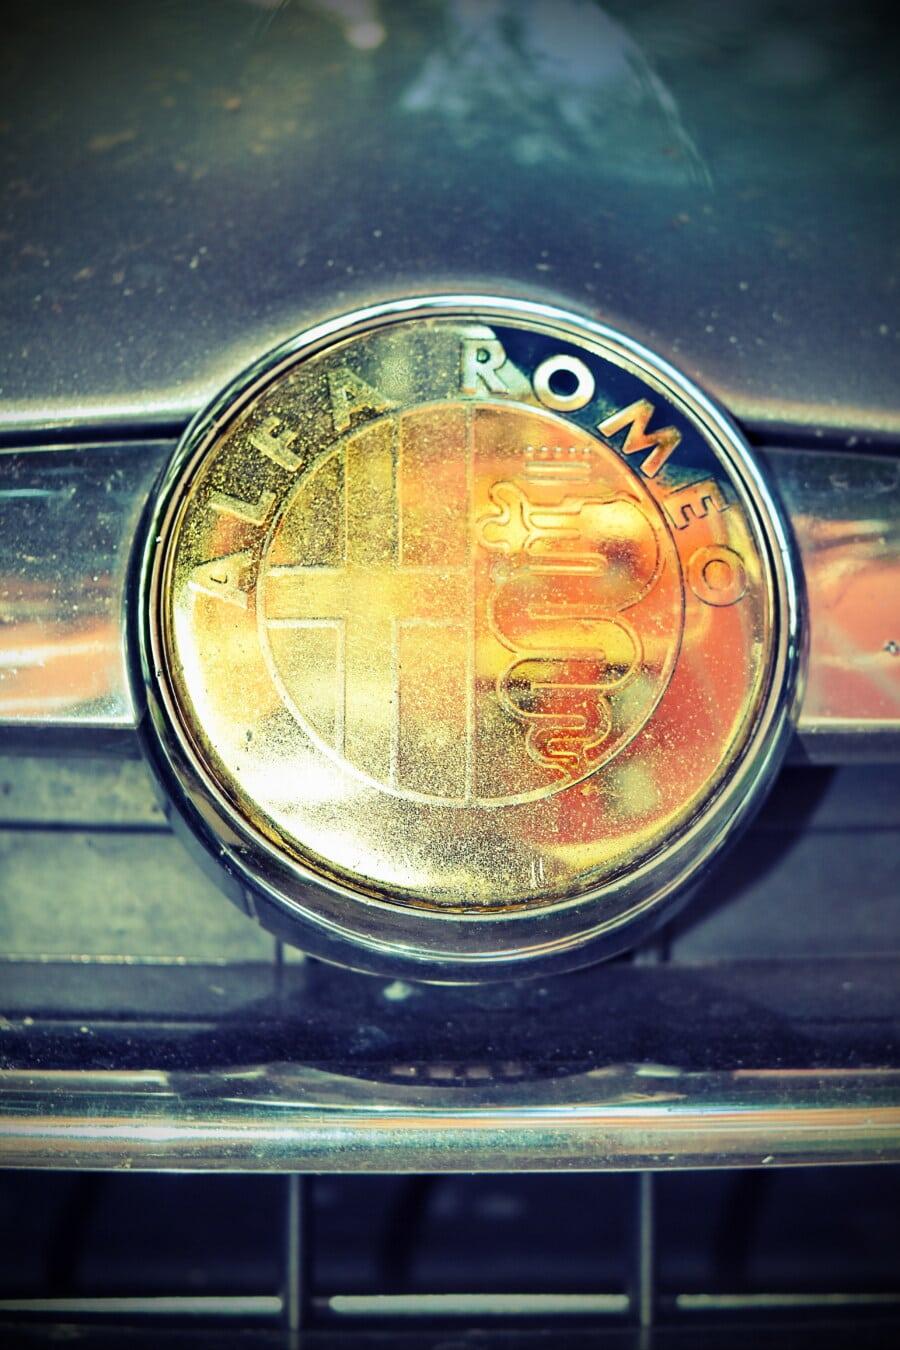 Alfa Romeo, bicromato di potassio, simbolo, segno, da vicino, splendente, lucentezza dorata, lucido, auto, veicolo